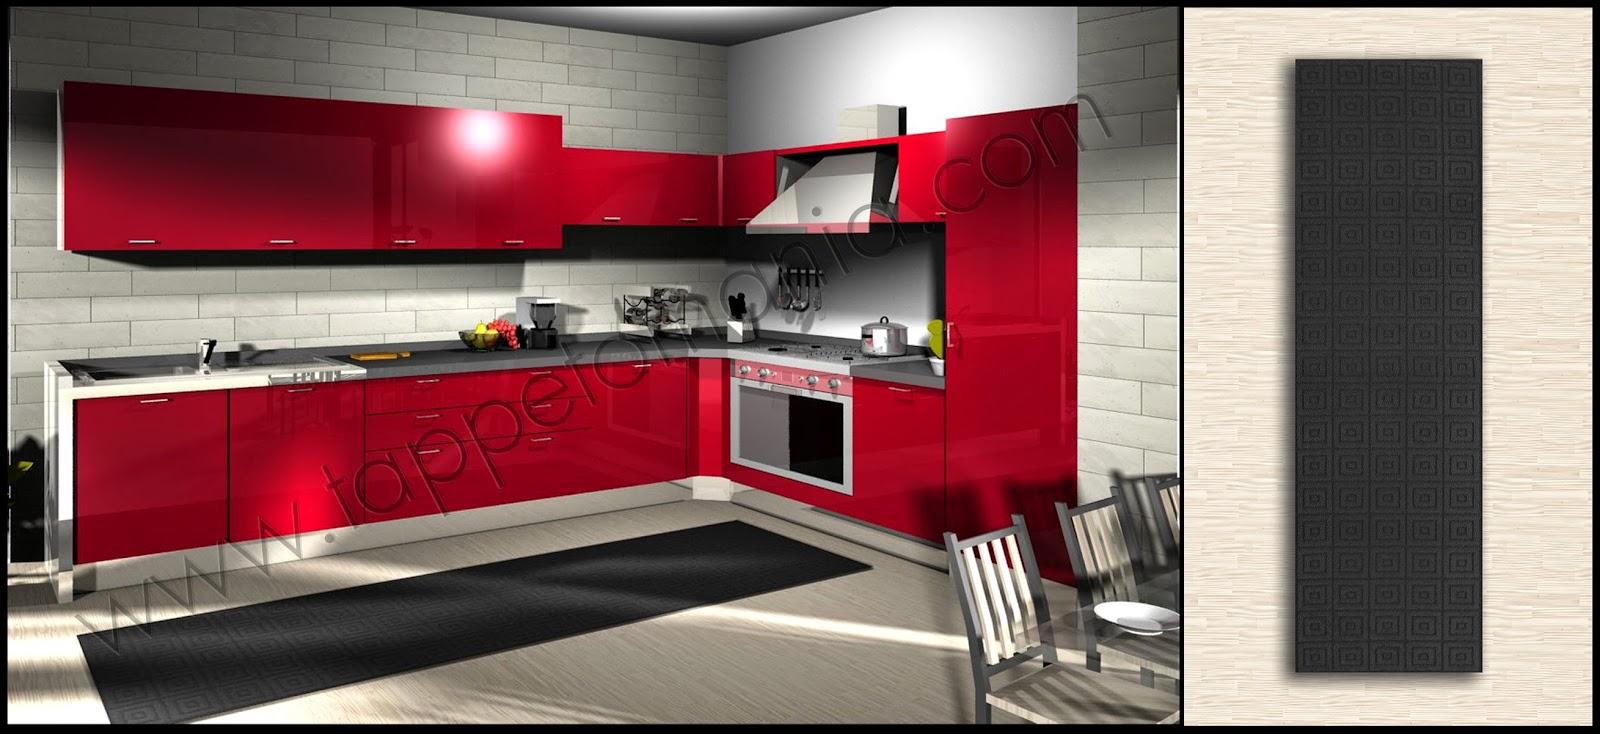 Piastrelle rosse per cucina great modello di cucina rossa dal design moderno n with piastrelle - Piastrelle cucina rosse ...